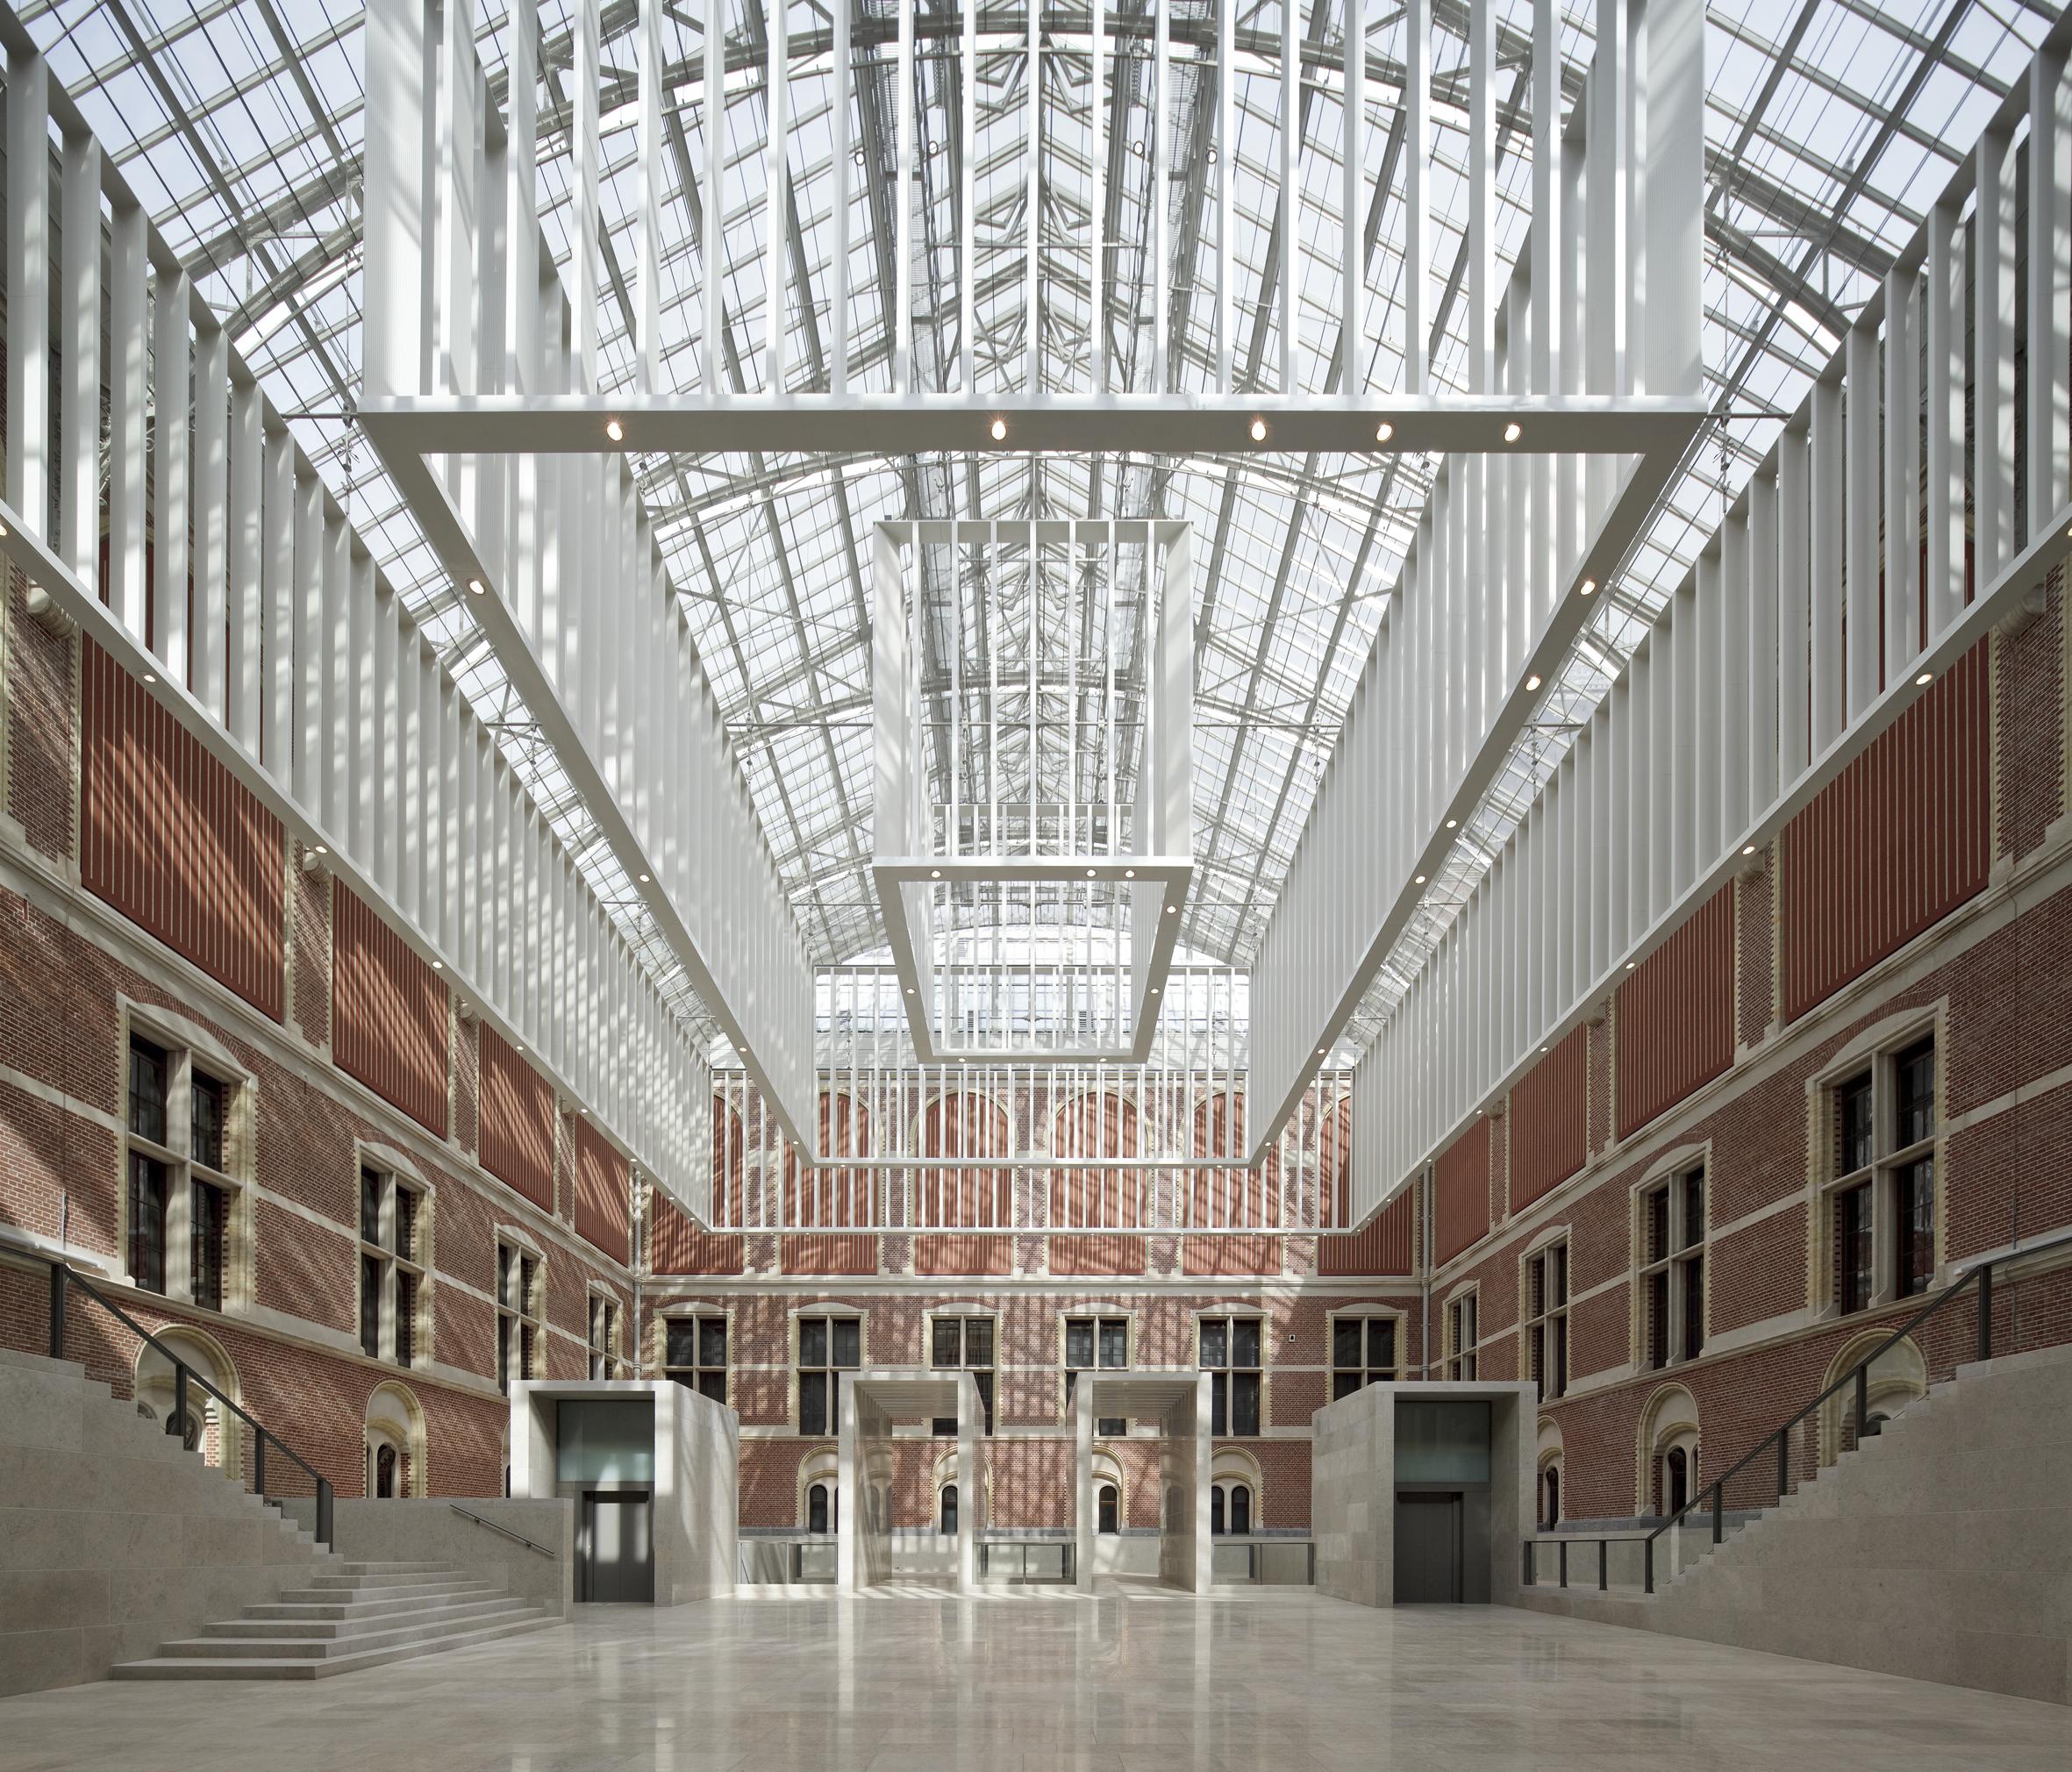 Rijksmuseum door Cruz Ortiz, winnaar Gouden AAP